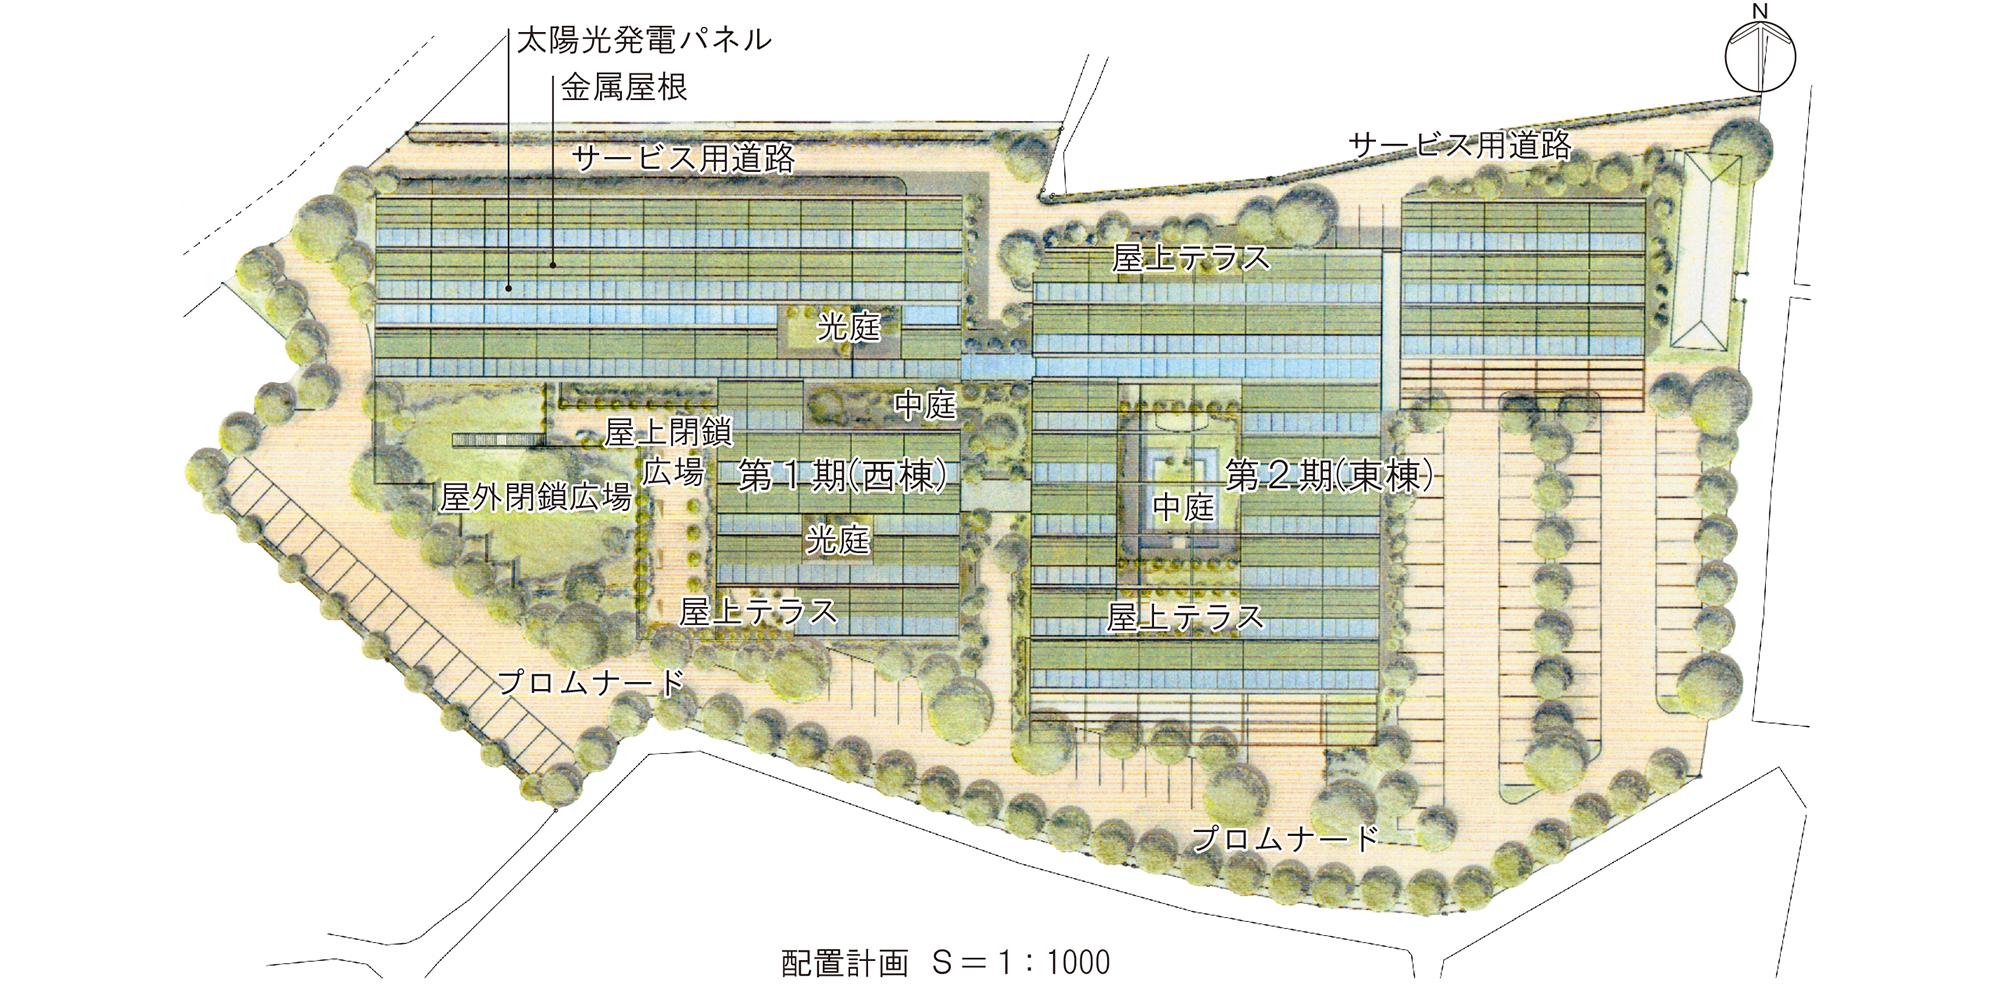 佐藤建築事務所「岡山県立岡山病院計画案」